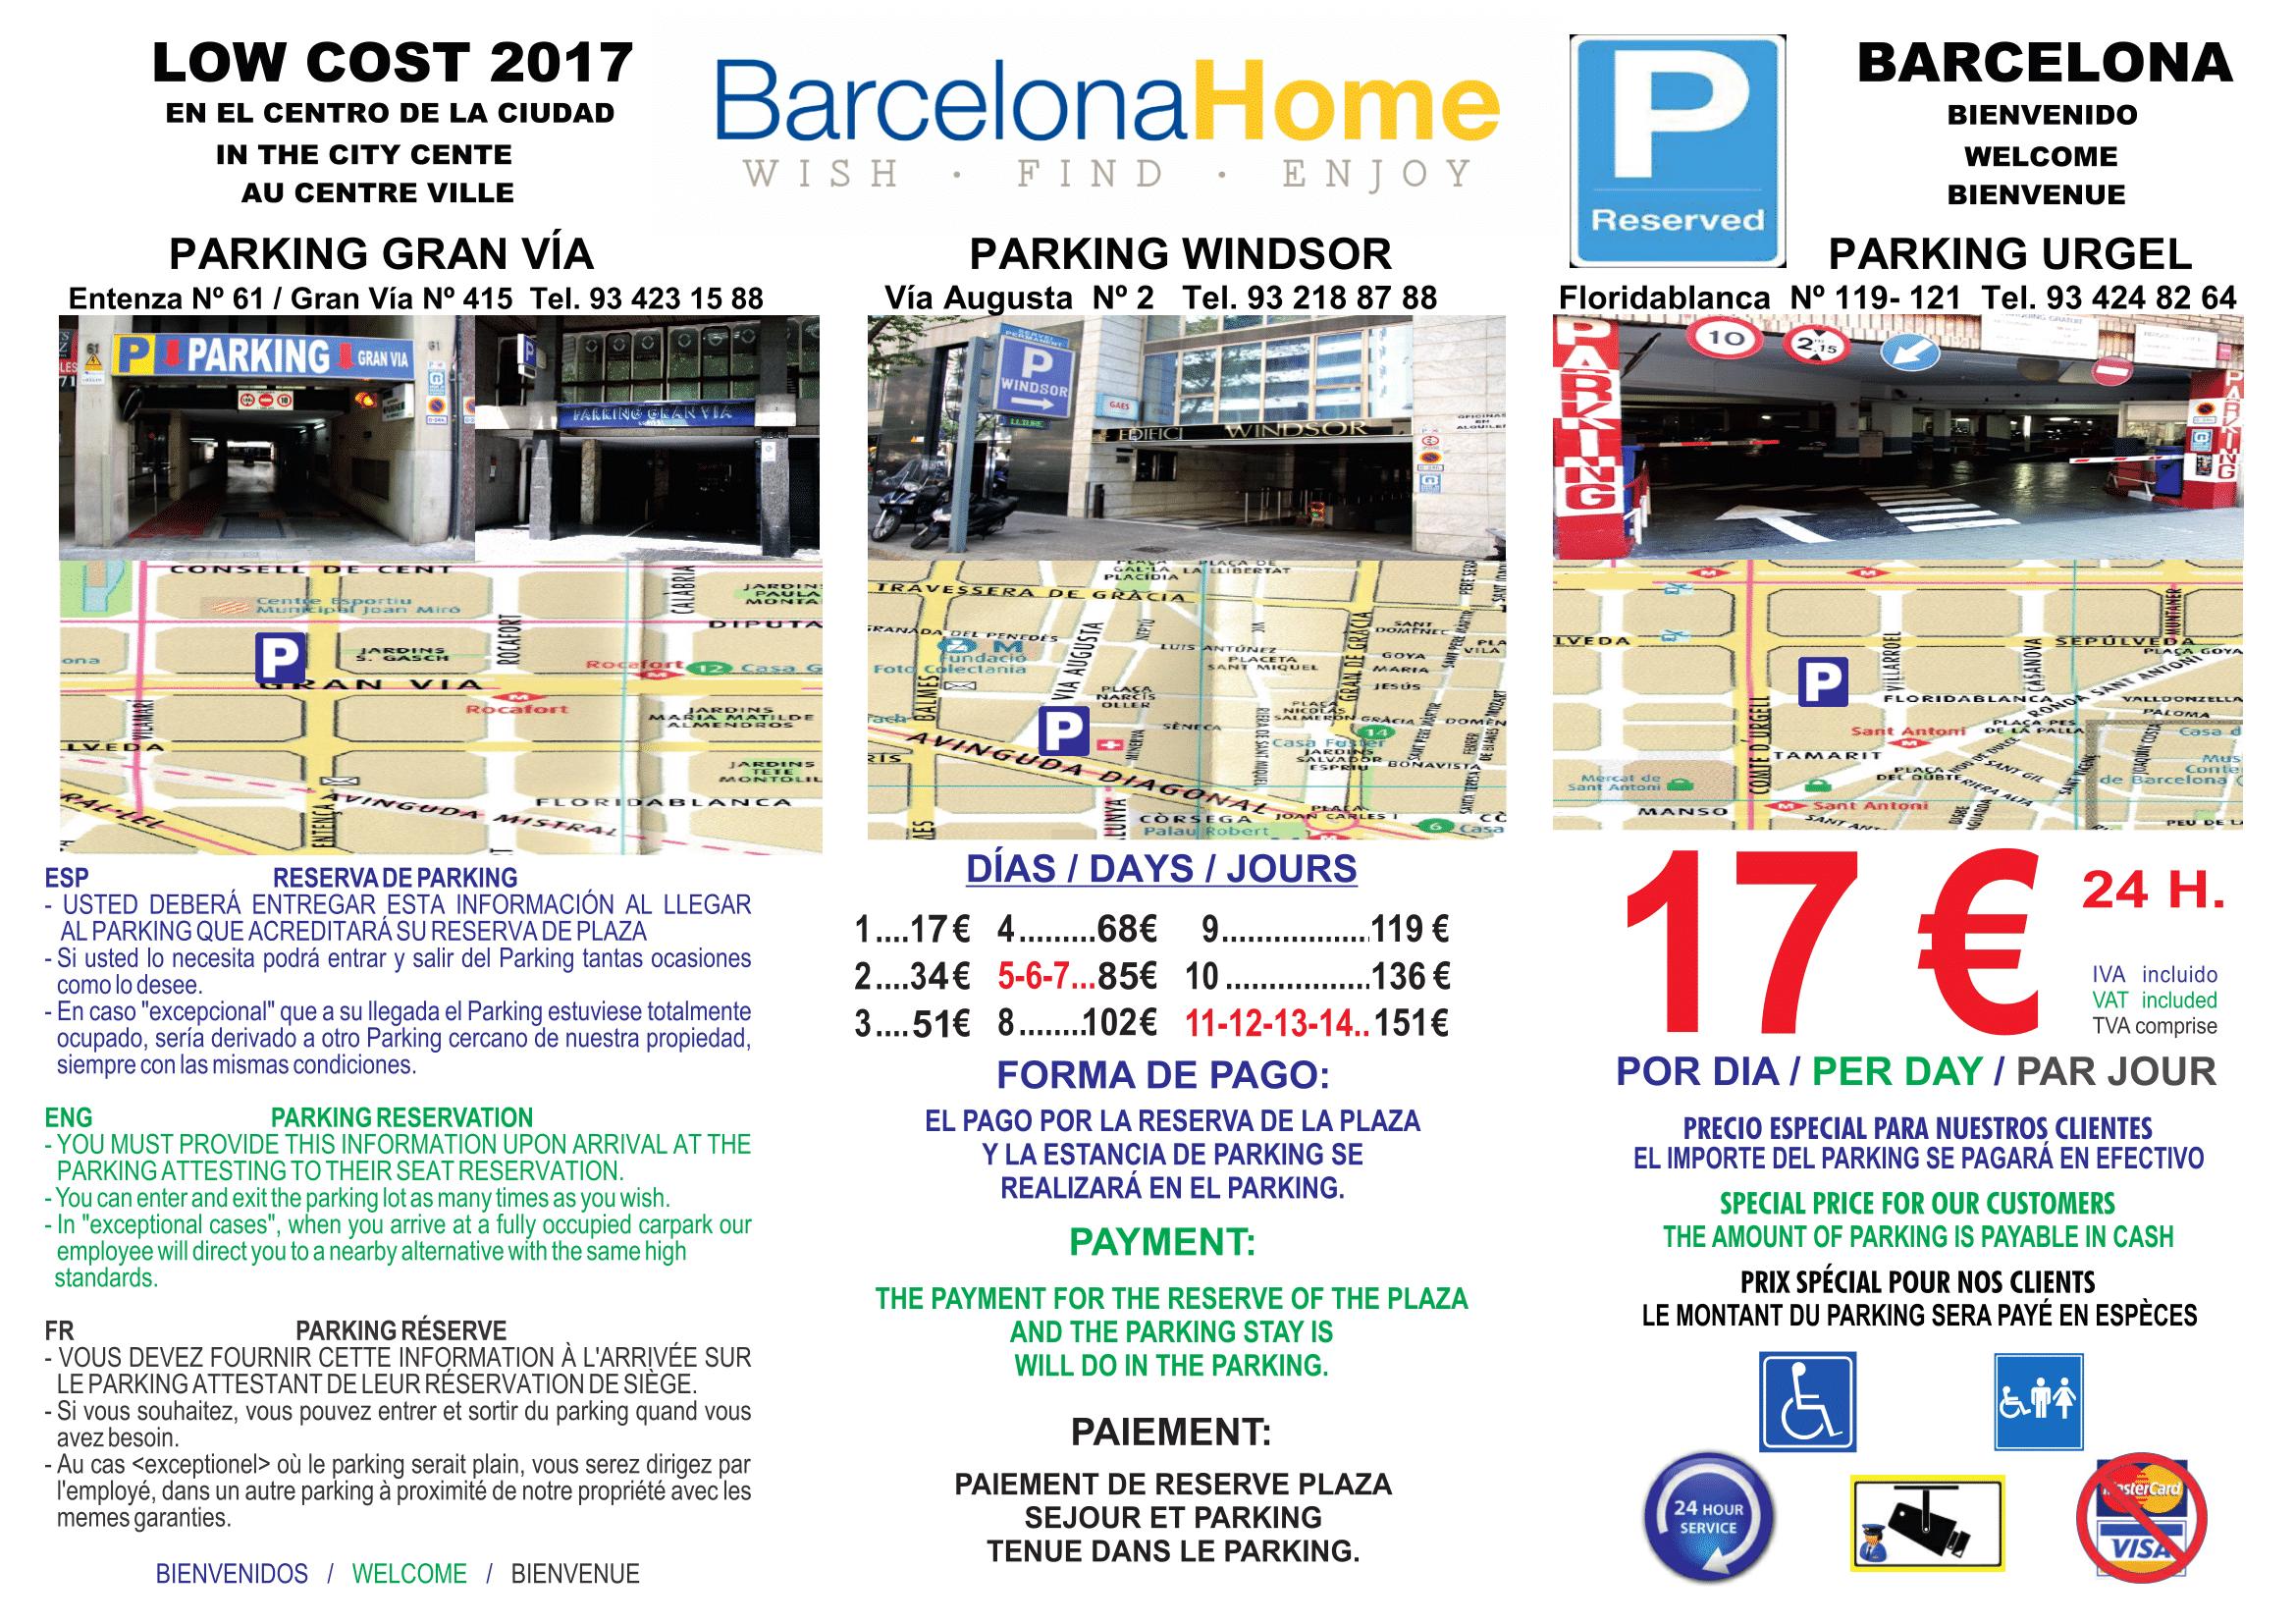 BARCELONA-LOW-COST-2017-17-PAGO-EN-EL-PARKING-3-1